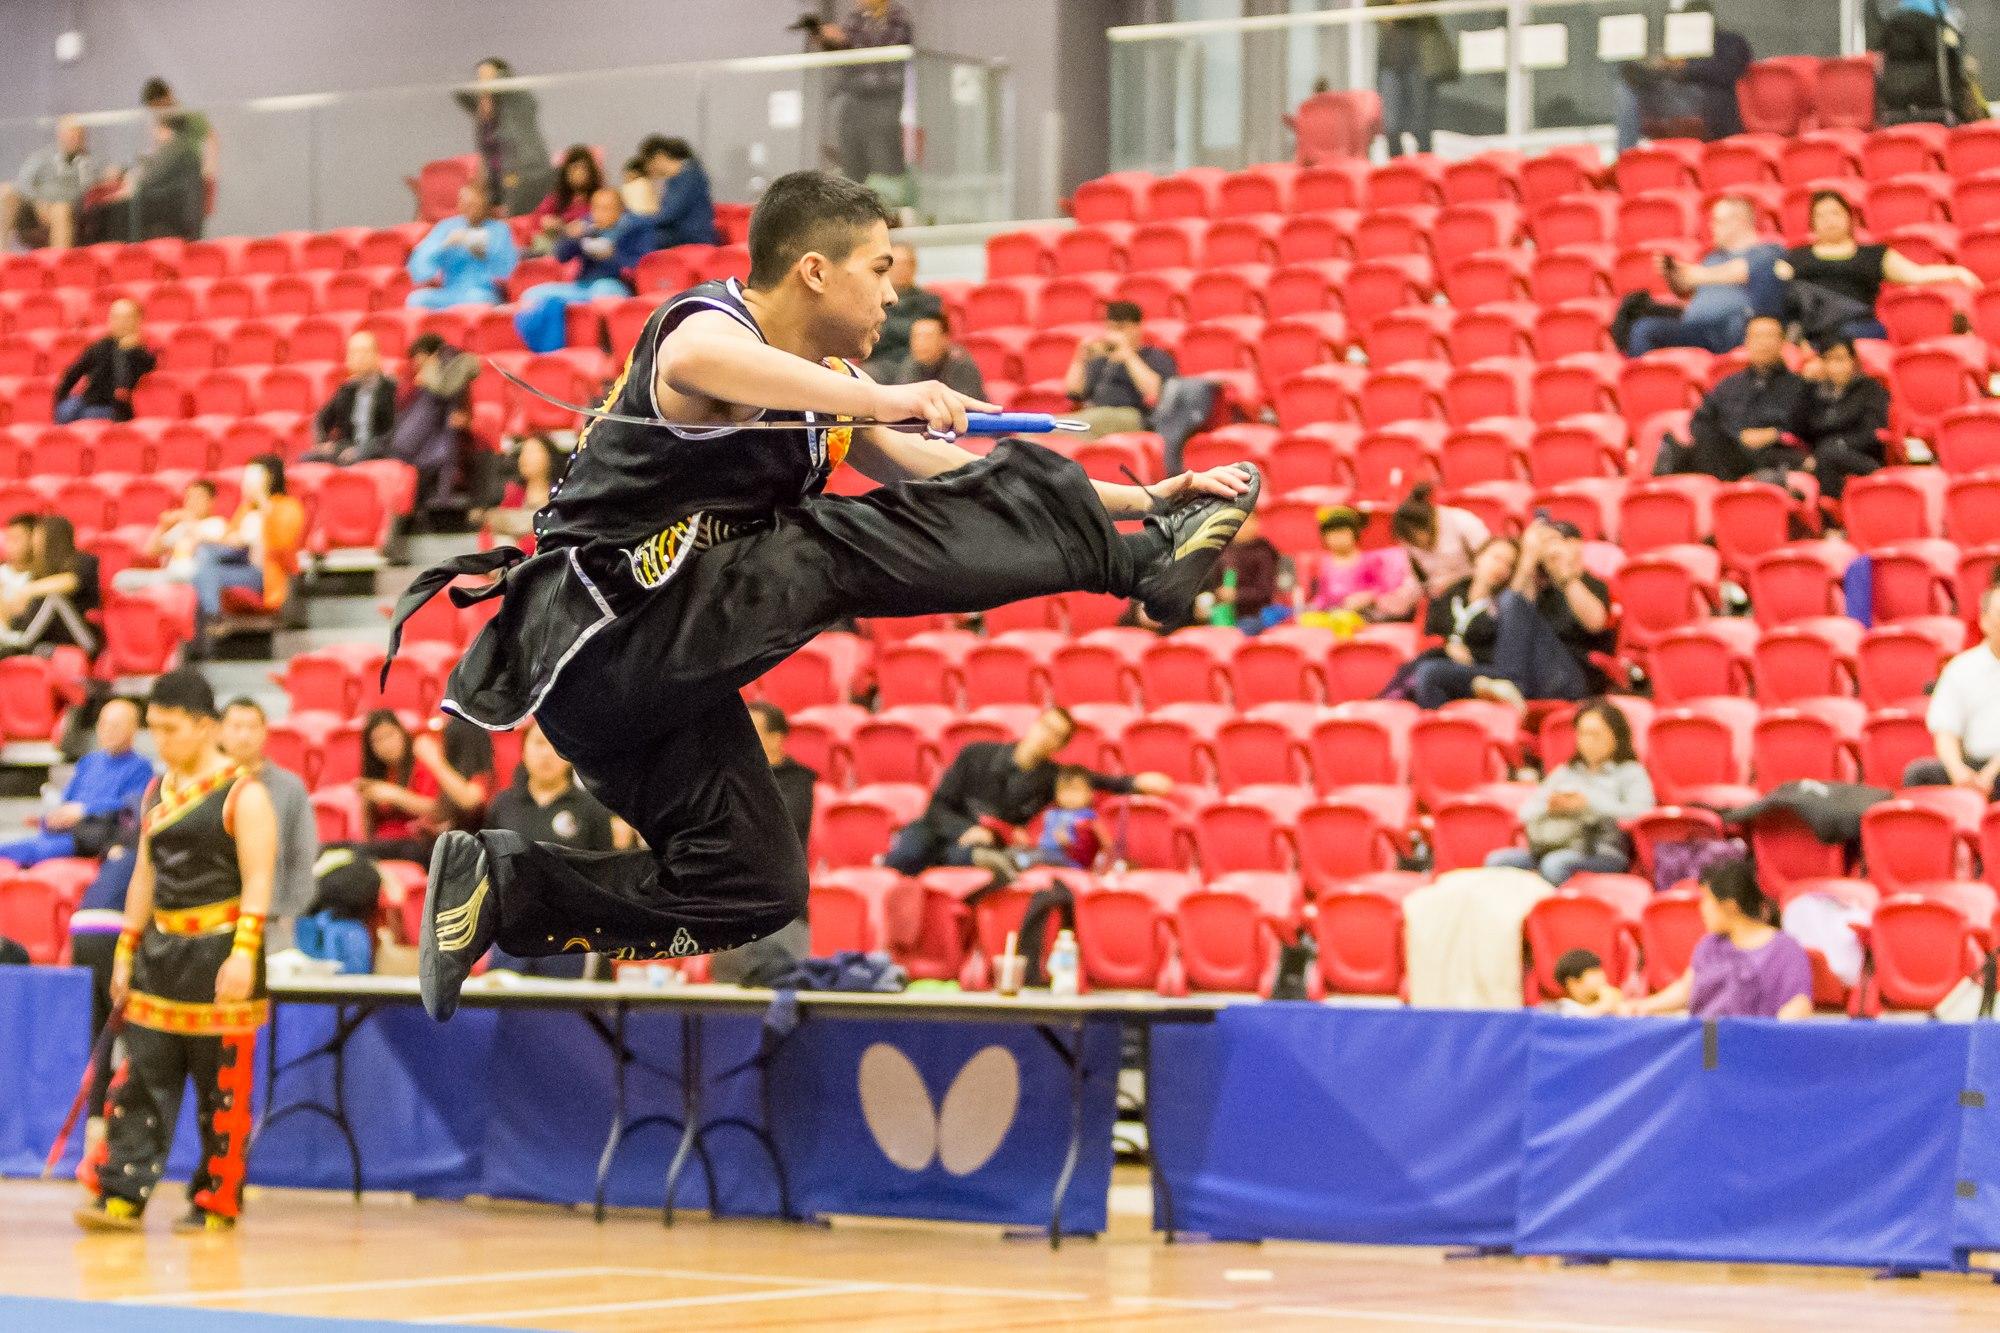 wayland-li-wushu-toronto-markham-canadian-wushu-championships-2017-nandao-1.jpg